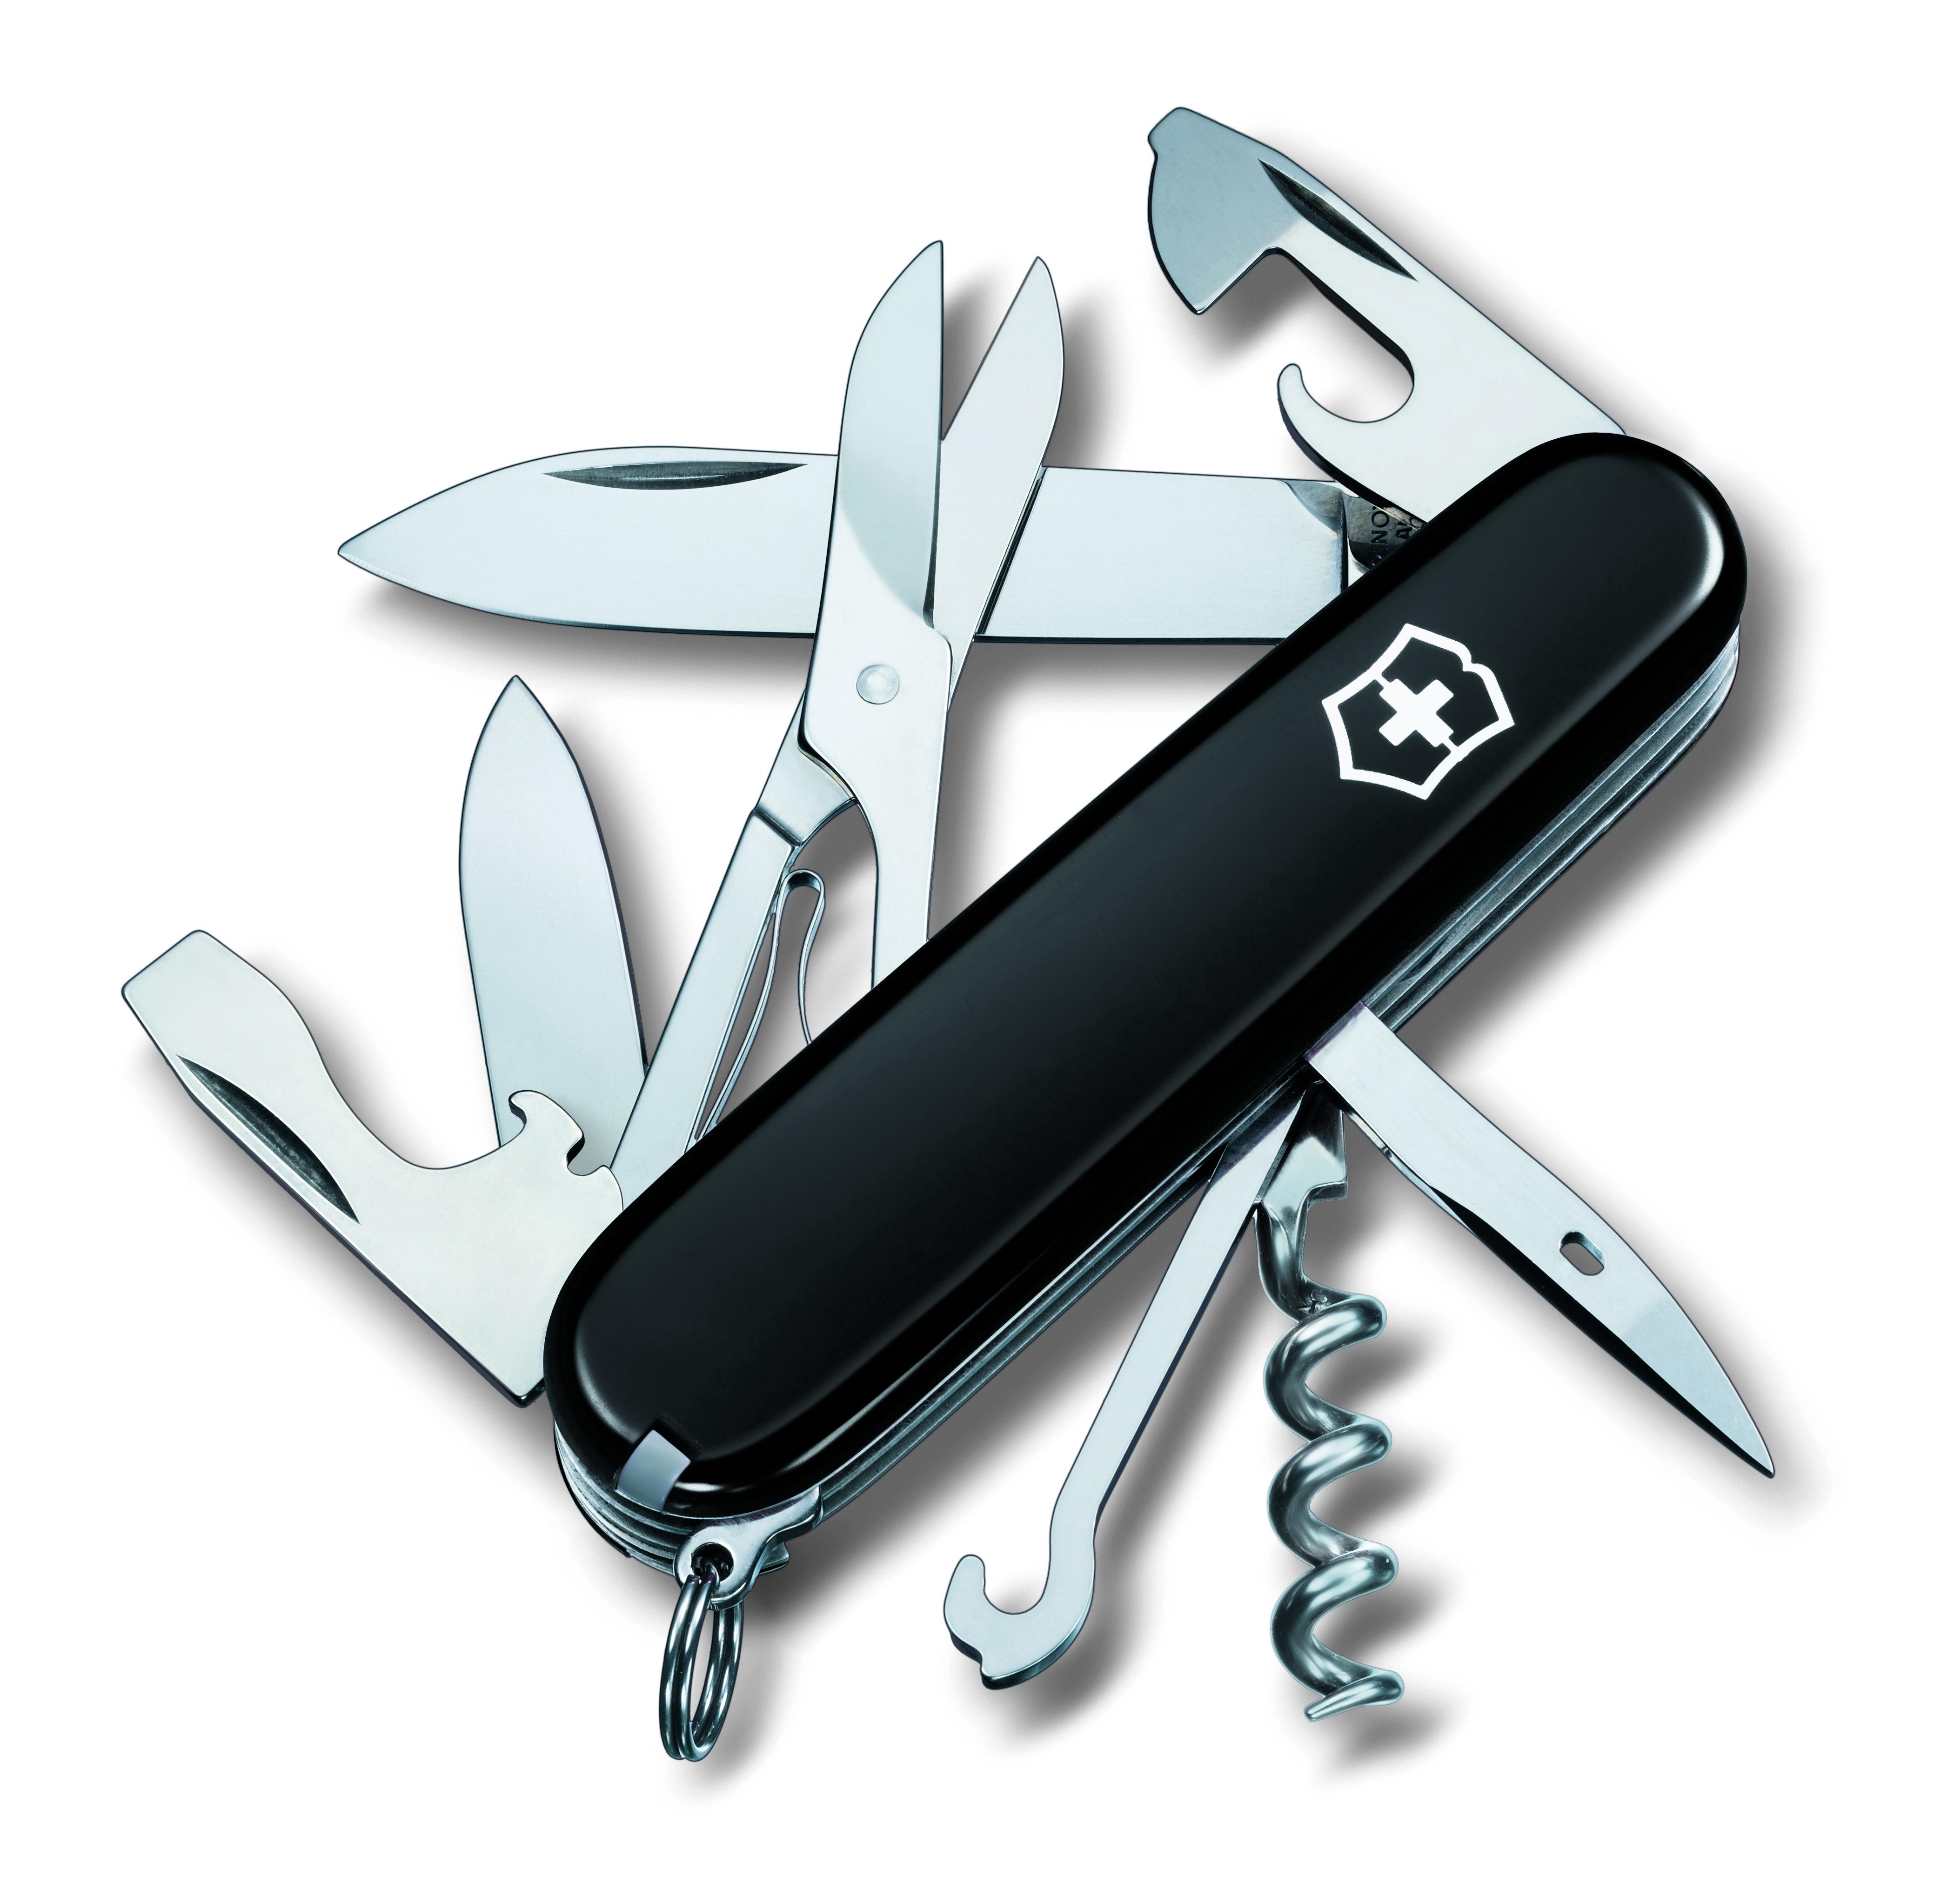 Нож перочинный Victorinox Climber, 14 функций, цвет: черный, длина клинка 68 мм67742Маленький красный карманный нож с эмблемой креста на щите на рукояти — самый узнаваемый символ компании Victorinox.В 1897 году основатель компани Карл Эльзенер разработал первый «Швейцарский армейский нож».Более 130 лет компания Victorinox разрабатывает продукты,которые не просто уникальны по дизайну и качеству,но и способны стать верными спутниками по жизни как для великих,так и для небольших приключений. VICTORINOXАрт. 1.3703.3Швейцарский армейский нож CLIMBER имеет 14 функций:1. Большое лезвие2. Малое лезвие3. Штопор4. Консервный нож с:5. – Малой отвёрткой6. Открывалка для бутылок с:7. – Отвёрткой8. – Инструментом для снятия изоляции9. Шило, кернер10. Кольцо для ключей11. Пинцет12. Зубочистка13. Ножницы14. Многофункциональный крючокЦвет рукояти: чёрныйРекомендуемые чехлы: 4.0480.1, 4.0480.3, 4.0520.1, 4.0520.3, 4.0520.31, 4.0520.32, 4.0543.3, 4.0533Рекомендуемые аксессуары:Инструмент для заточки: 4.3311, 4.3323, 4.0567.32Держатели на ремень: 4.1853, 4.1858, 4.1859, 4.1860Цепочки длинные: 4.1813, 4.1814, 4.1815Цепочки короткие: 4.1820Комбинированные цепочки: 4.1854Шнурок с карабином: 4.1879Масло смазочное: 4.3301